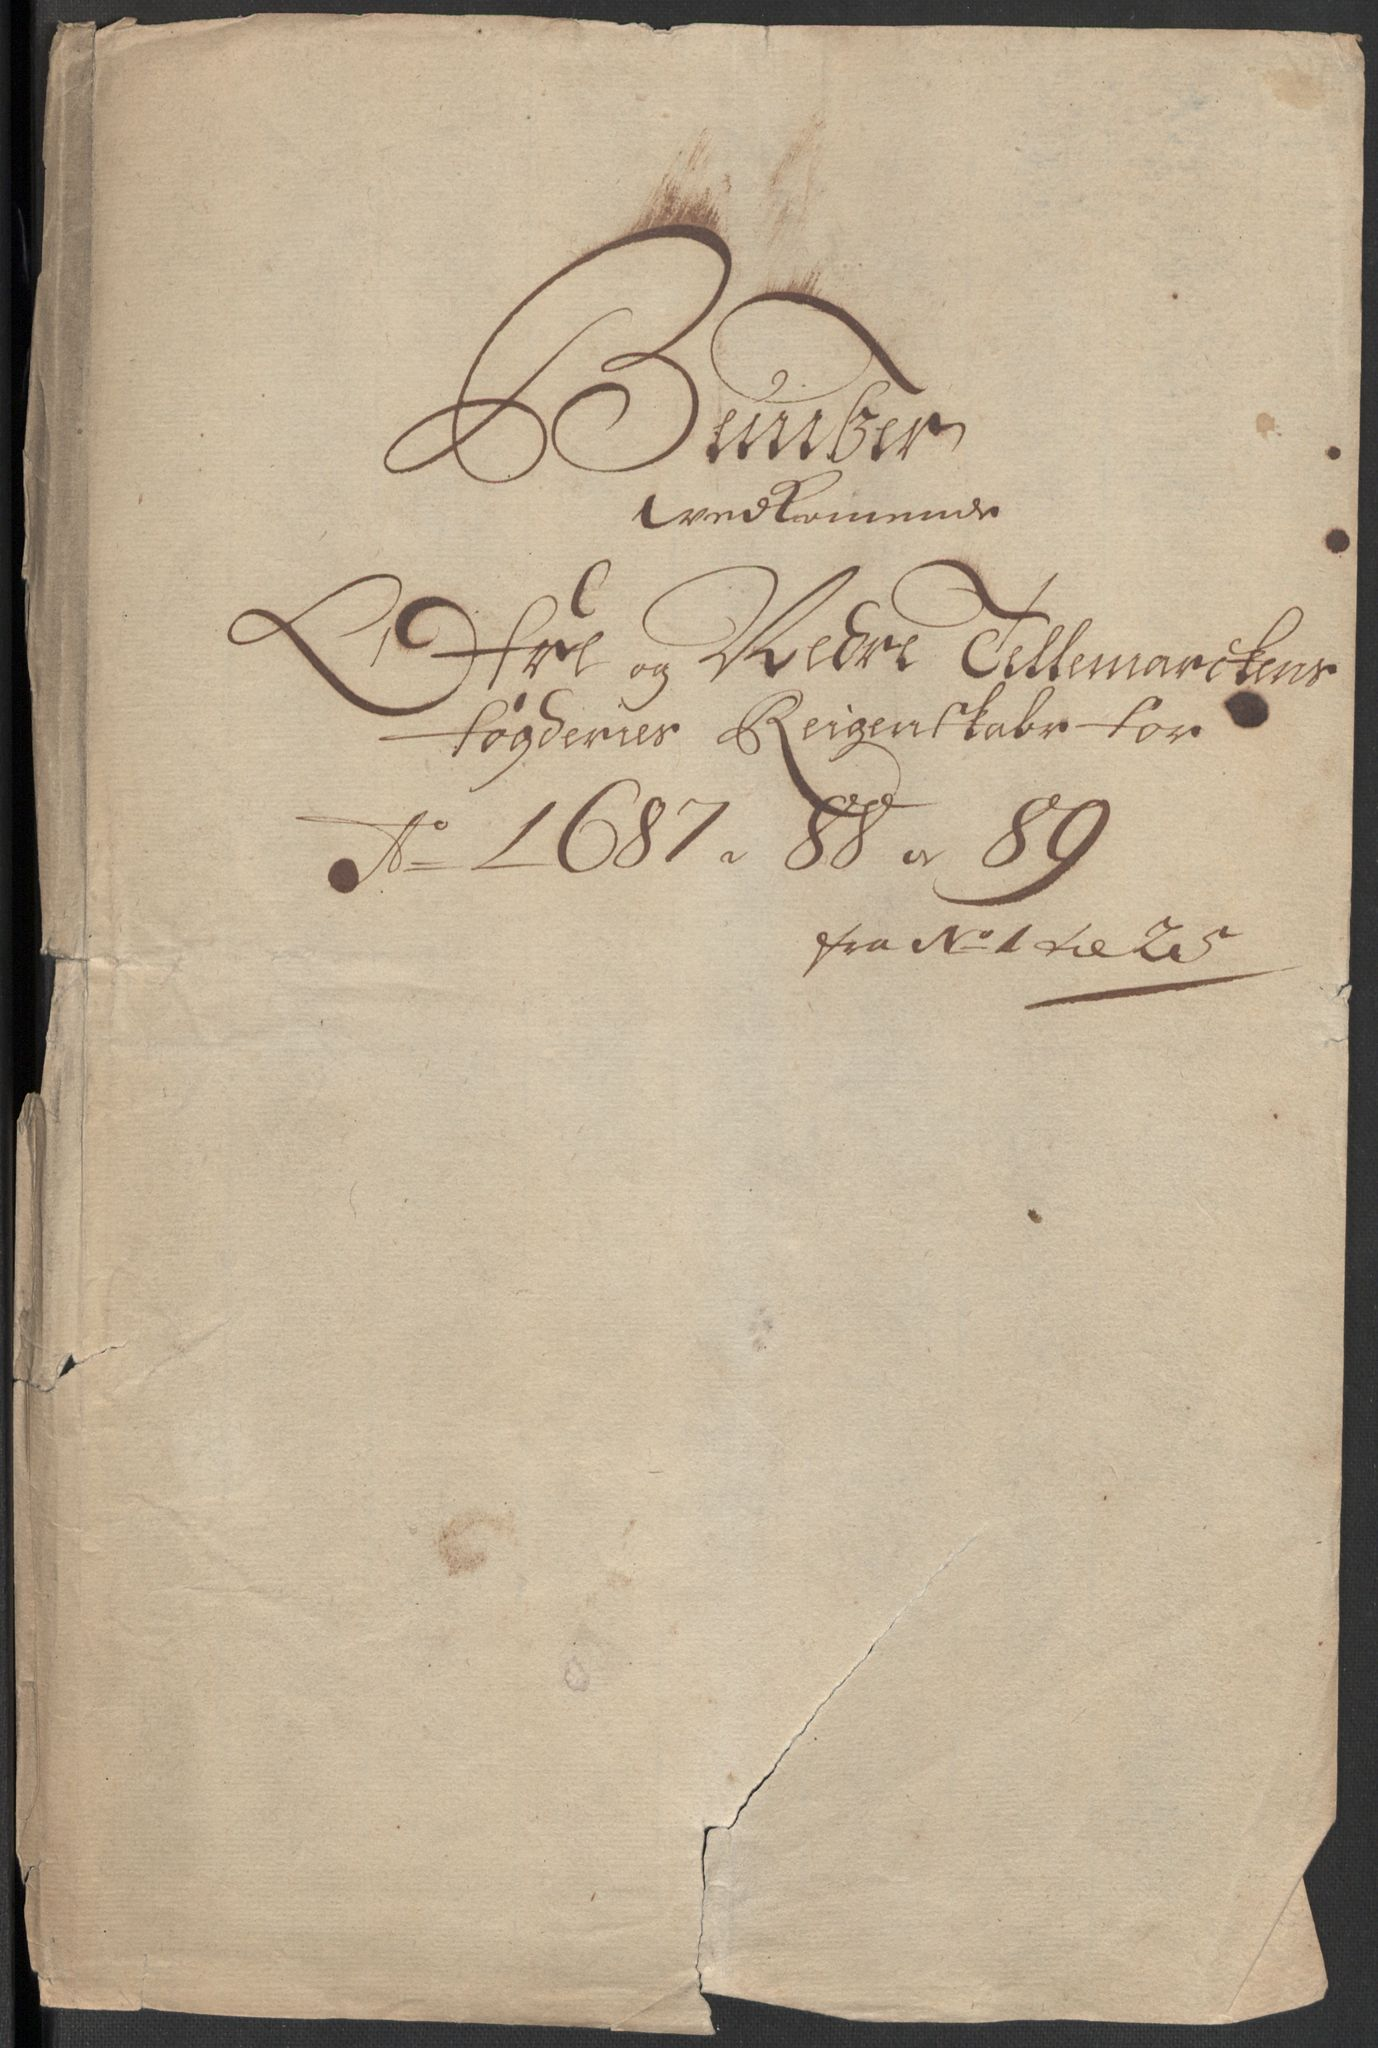 RA, Rentekammeret inntil 1814, Reviderte regnskaper, Fogderegnskap, R35/L2088: Fogderegnskap Øvre og Nedre Telemark, 1687-1689, s. 226